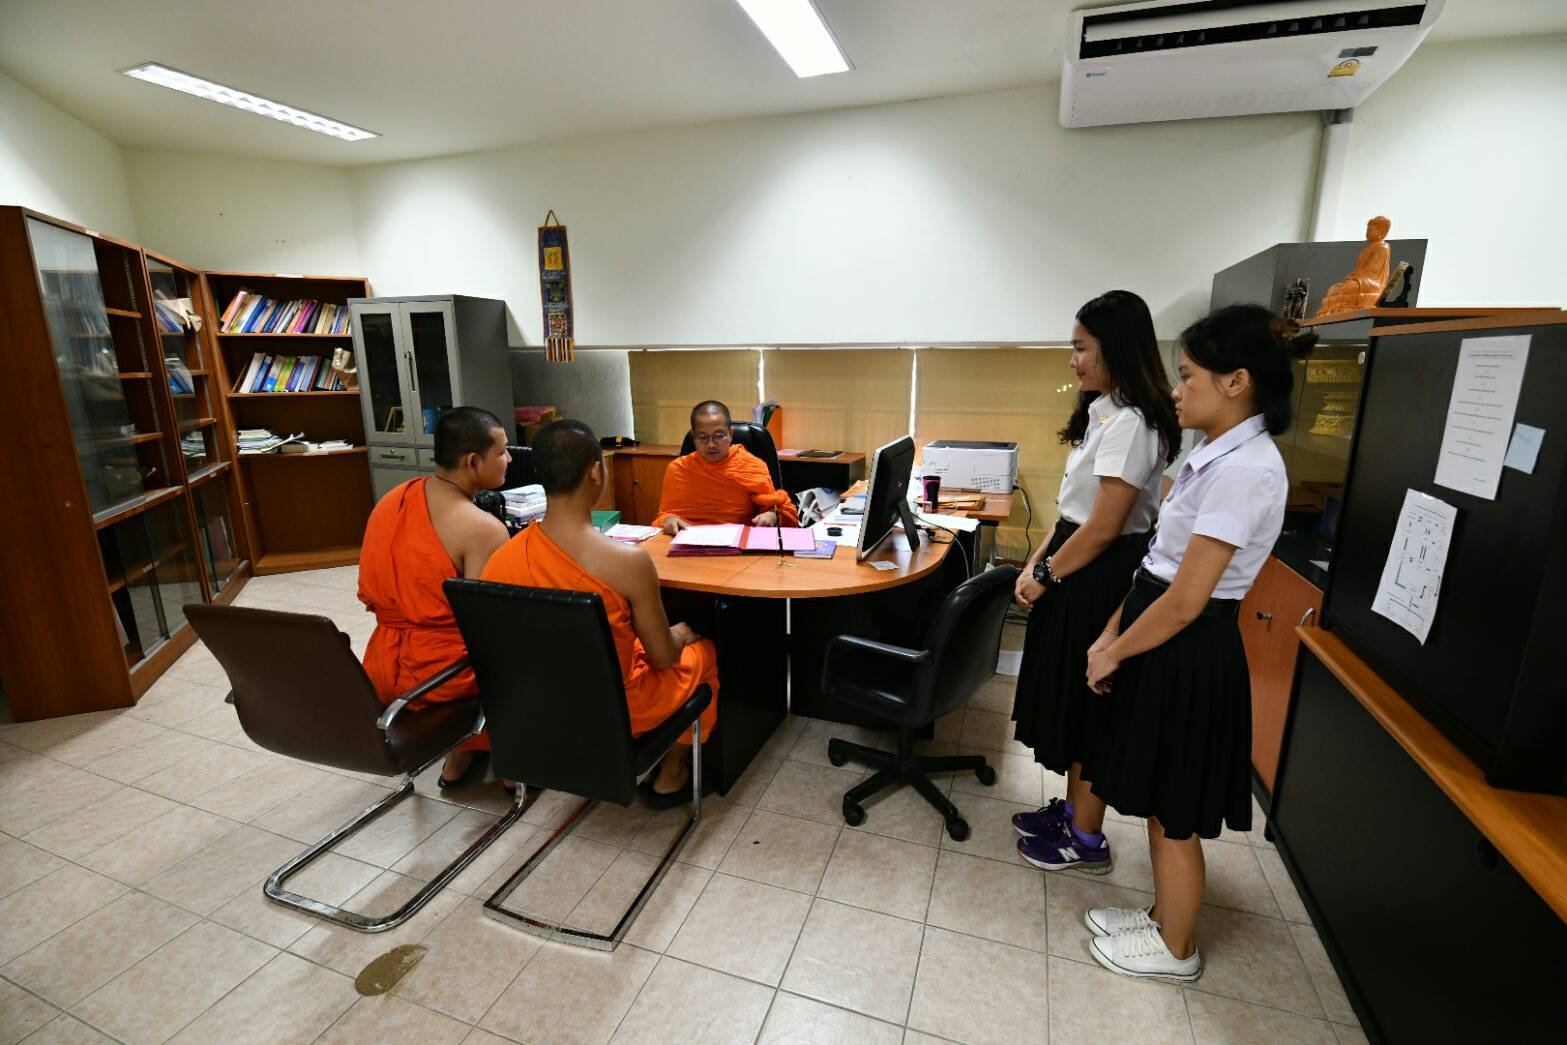 นิสิตคณะครุศาสตร์ สาขาการสอนภาษาอังกฤษ ชั้นปีที่ ๔ เข้าศึกษาดูงานส่วนงานบริหาร ศูนย์อาเซียนศึกษา มจร